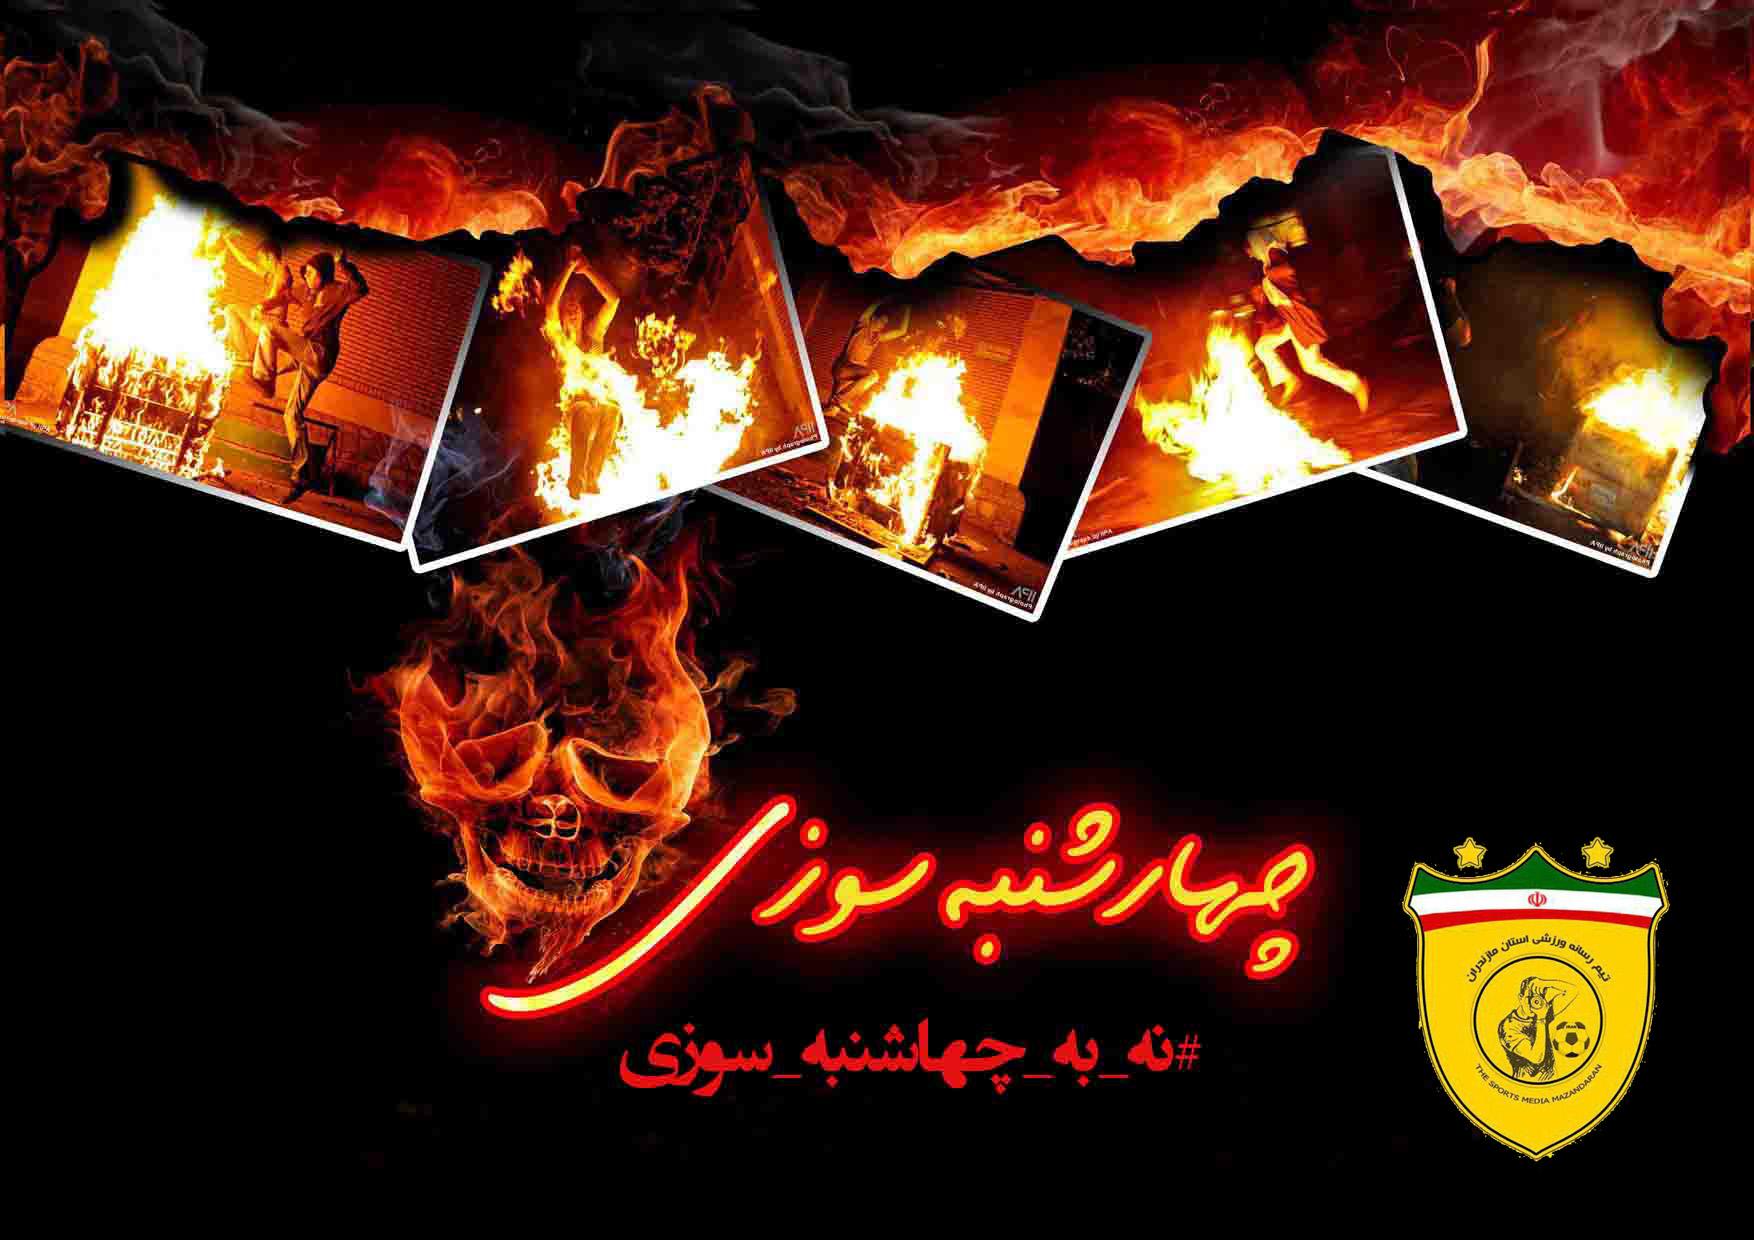 حمایت از کمپین «نه به چهارشنبه سوزی» توسط اعضای رسانه ورزش مازندران + عکس